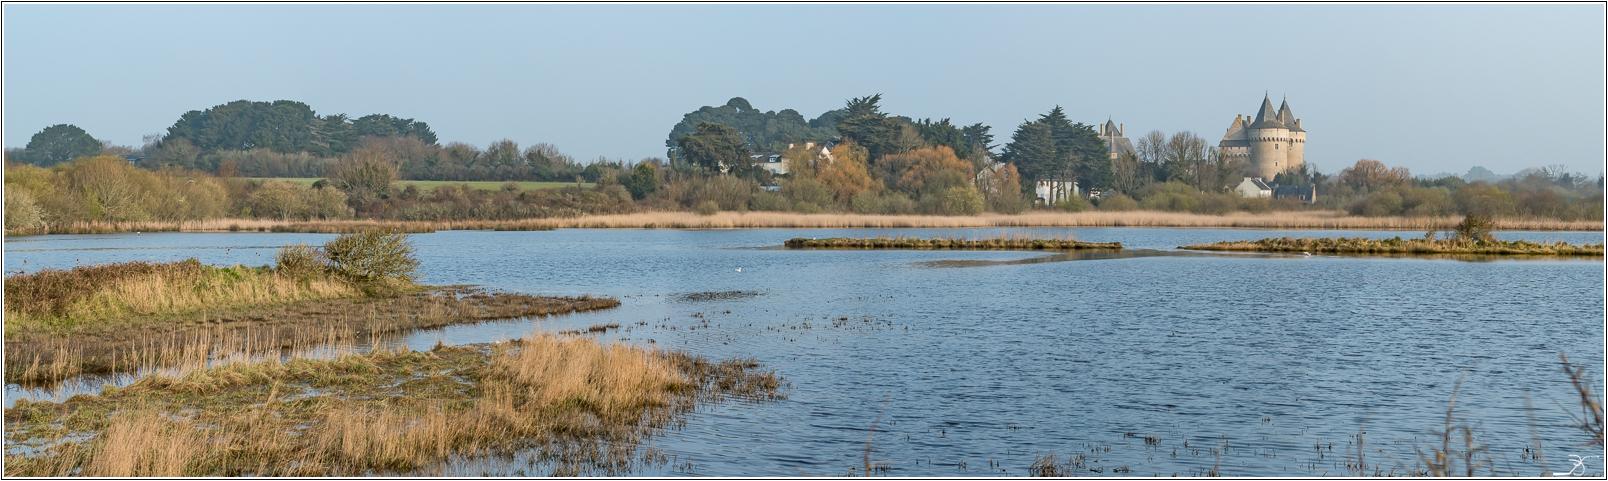 Morbihan: Suscinio, la plage 878298LR6P3130091Panorama